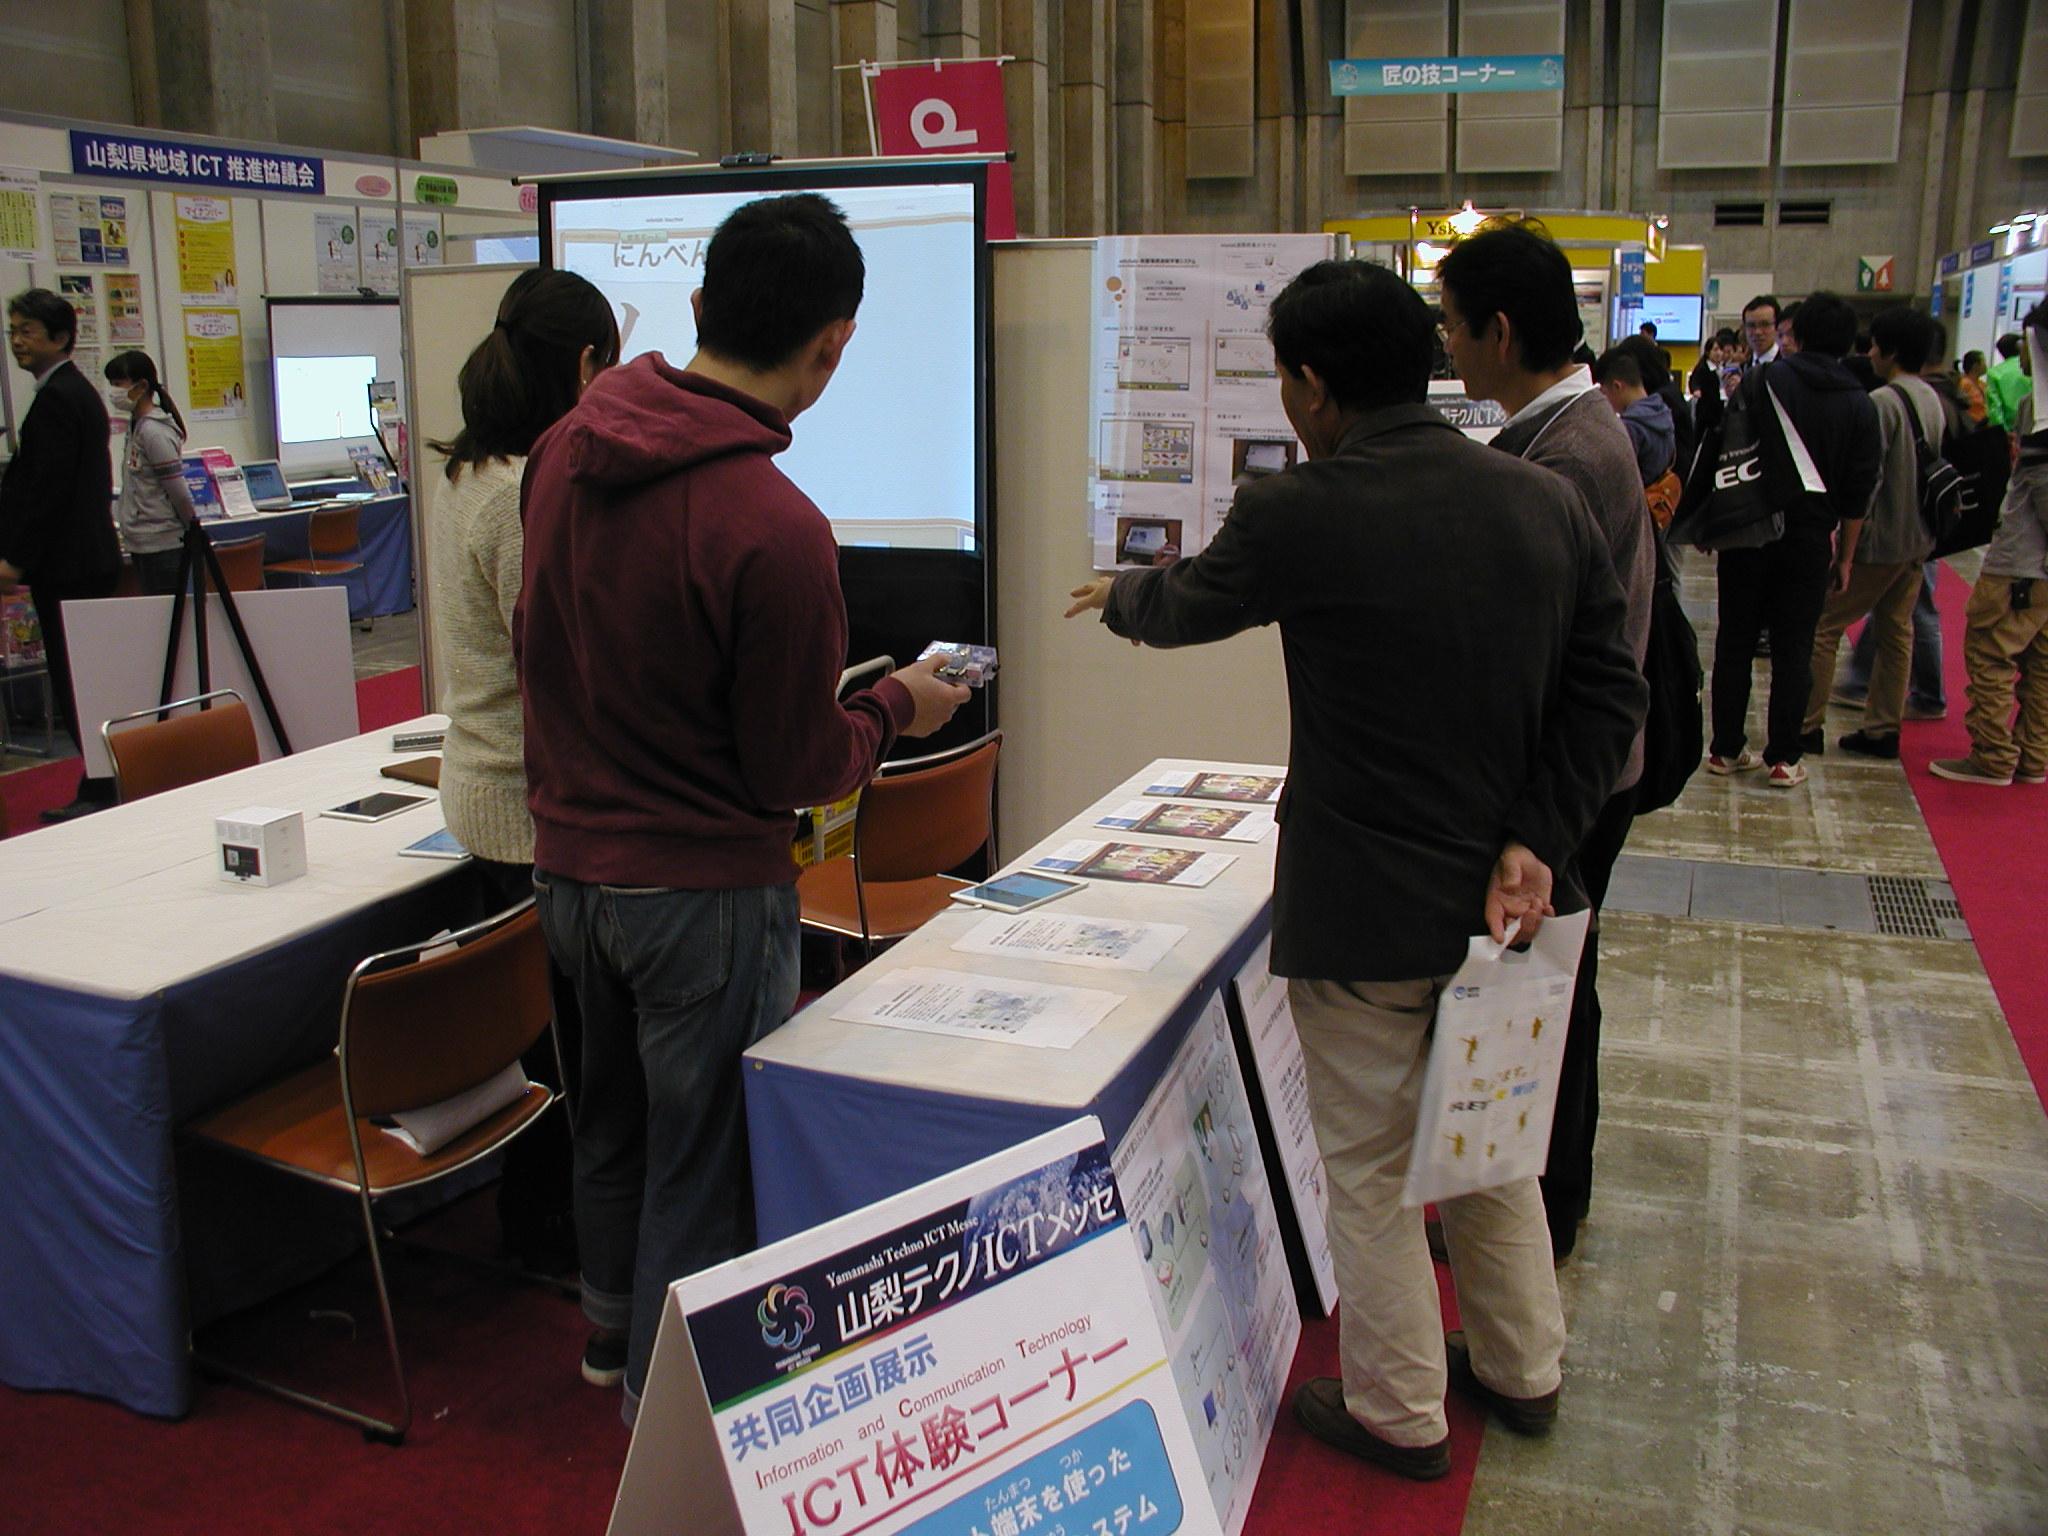 http://www.yamanashi-kankou.jp/blog/P1010366.JPG